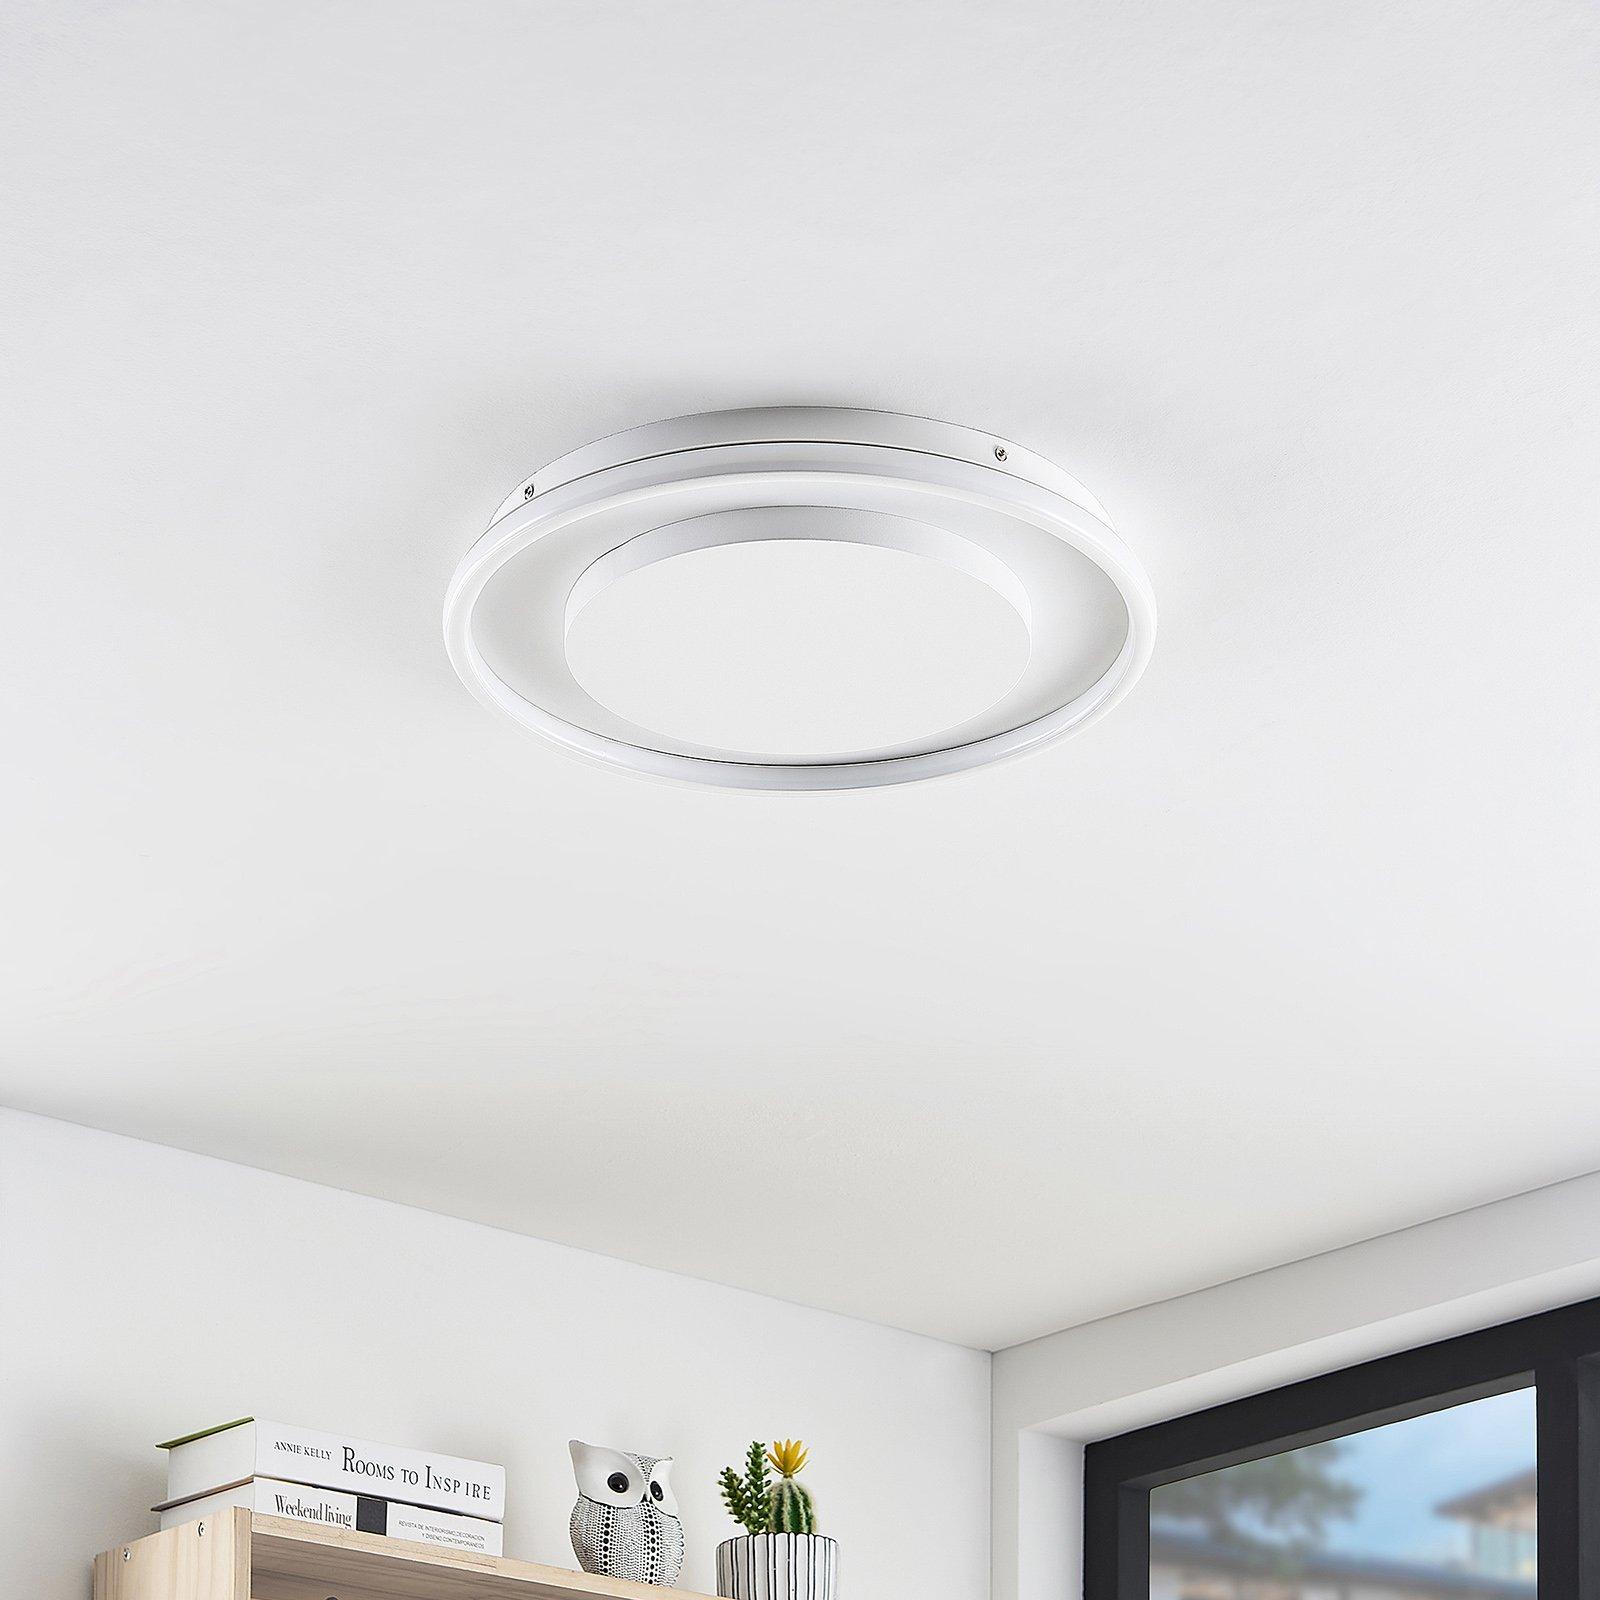 Lucande Murna LED-taklampe, Ø 46 cm